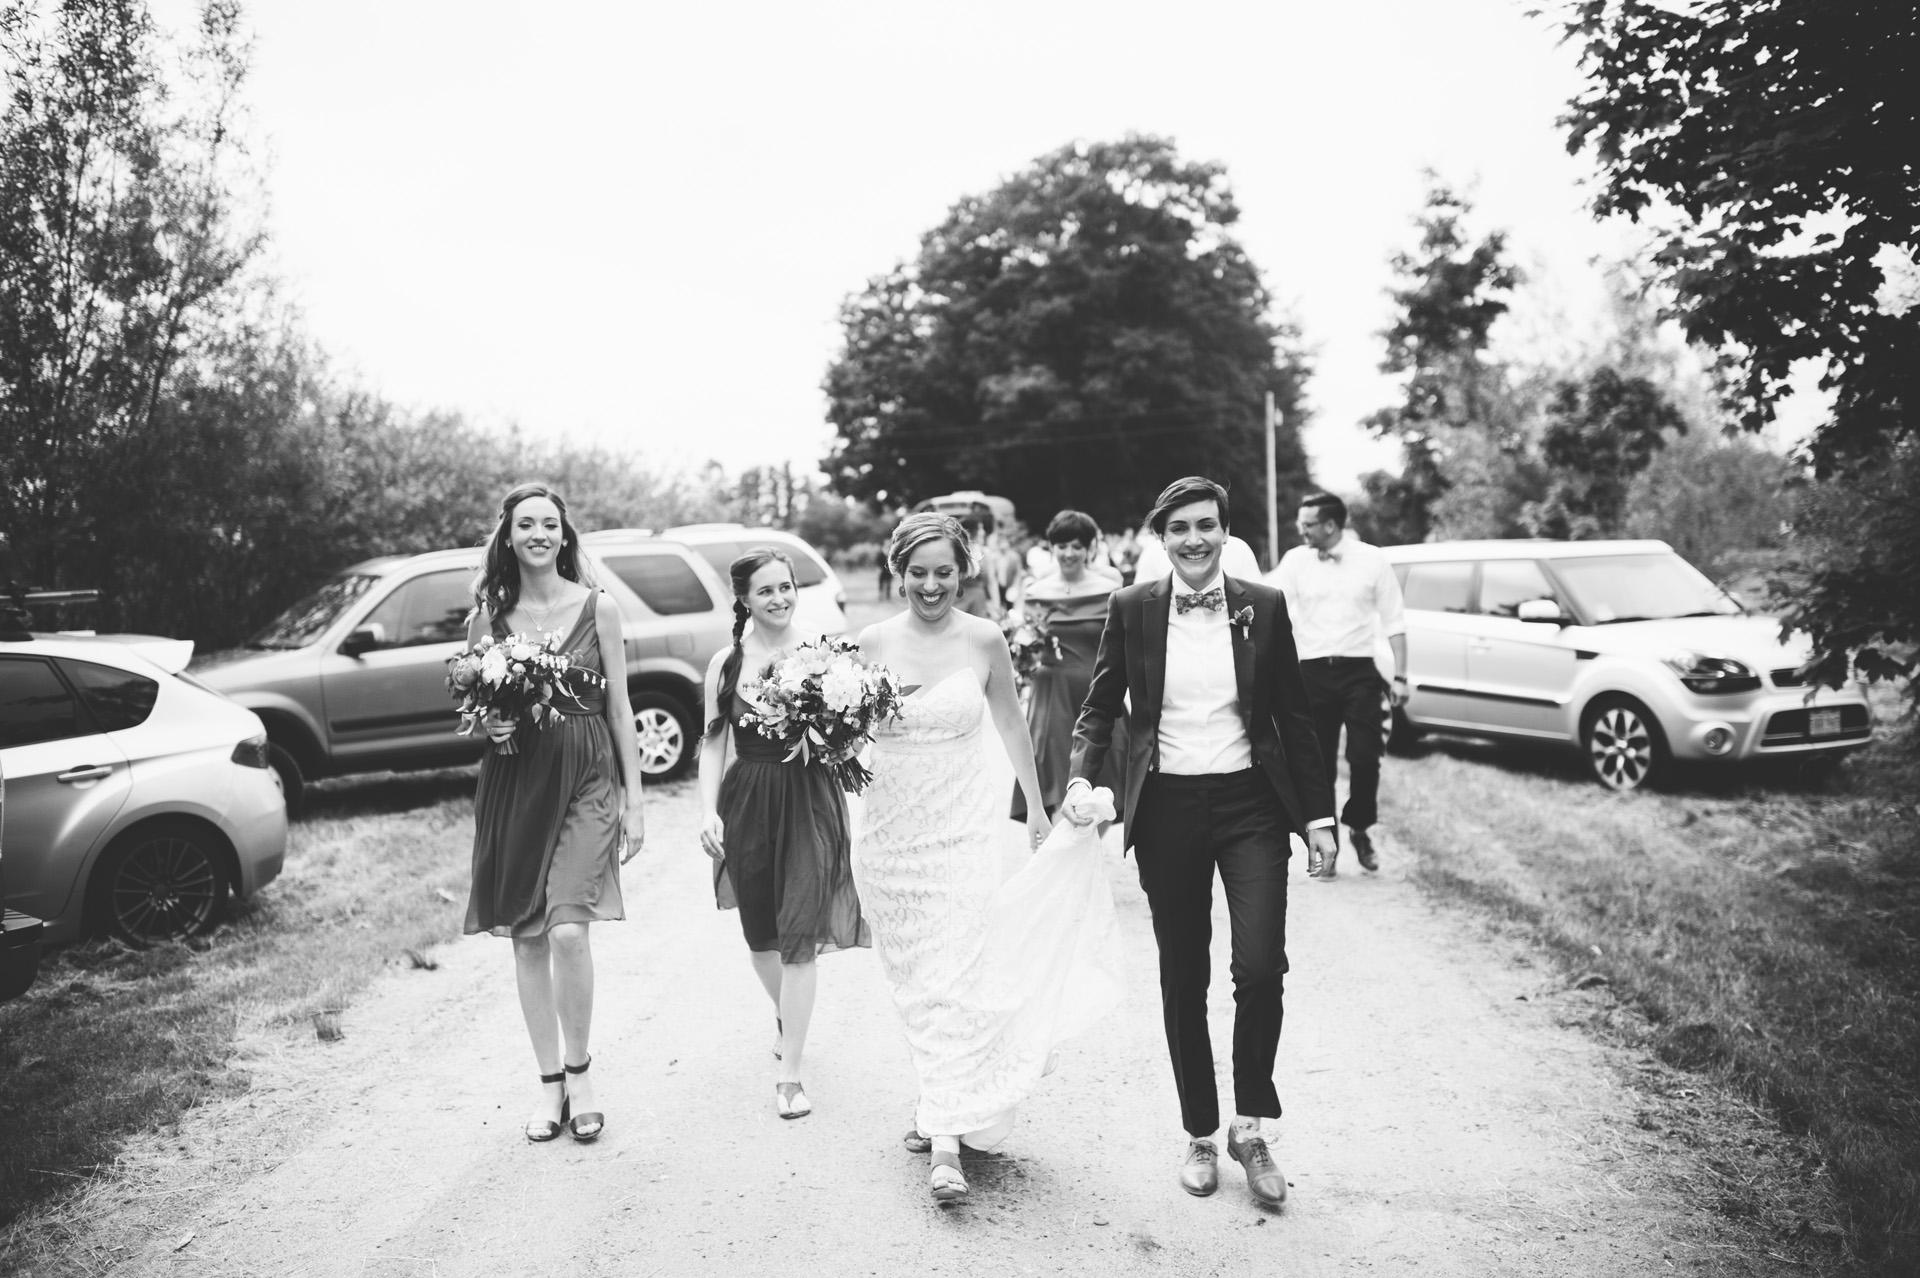 broadturn-farm-wedding-48